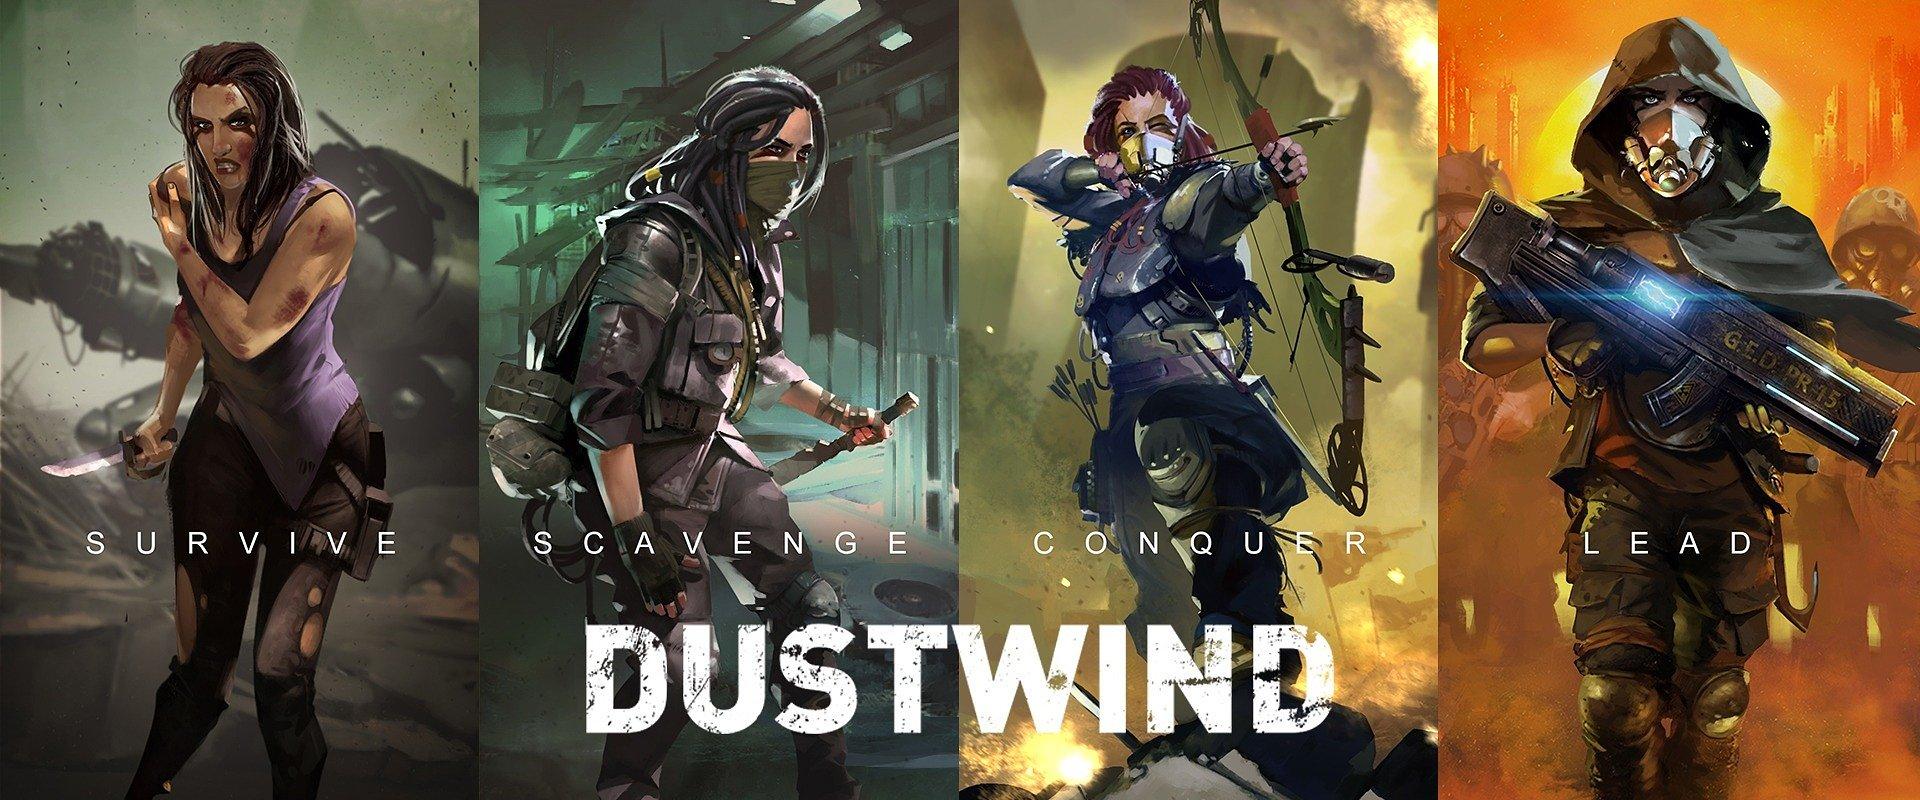 Staw czoła Pustkowiu i uratuj swoją córkę! Dustwind - The Last Resort jest już dostępny na konsolach!